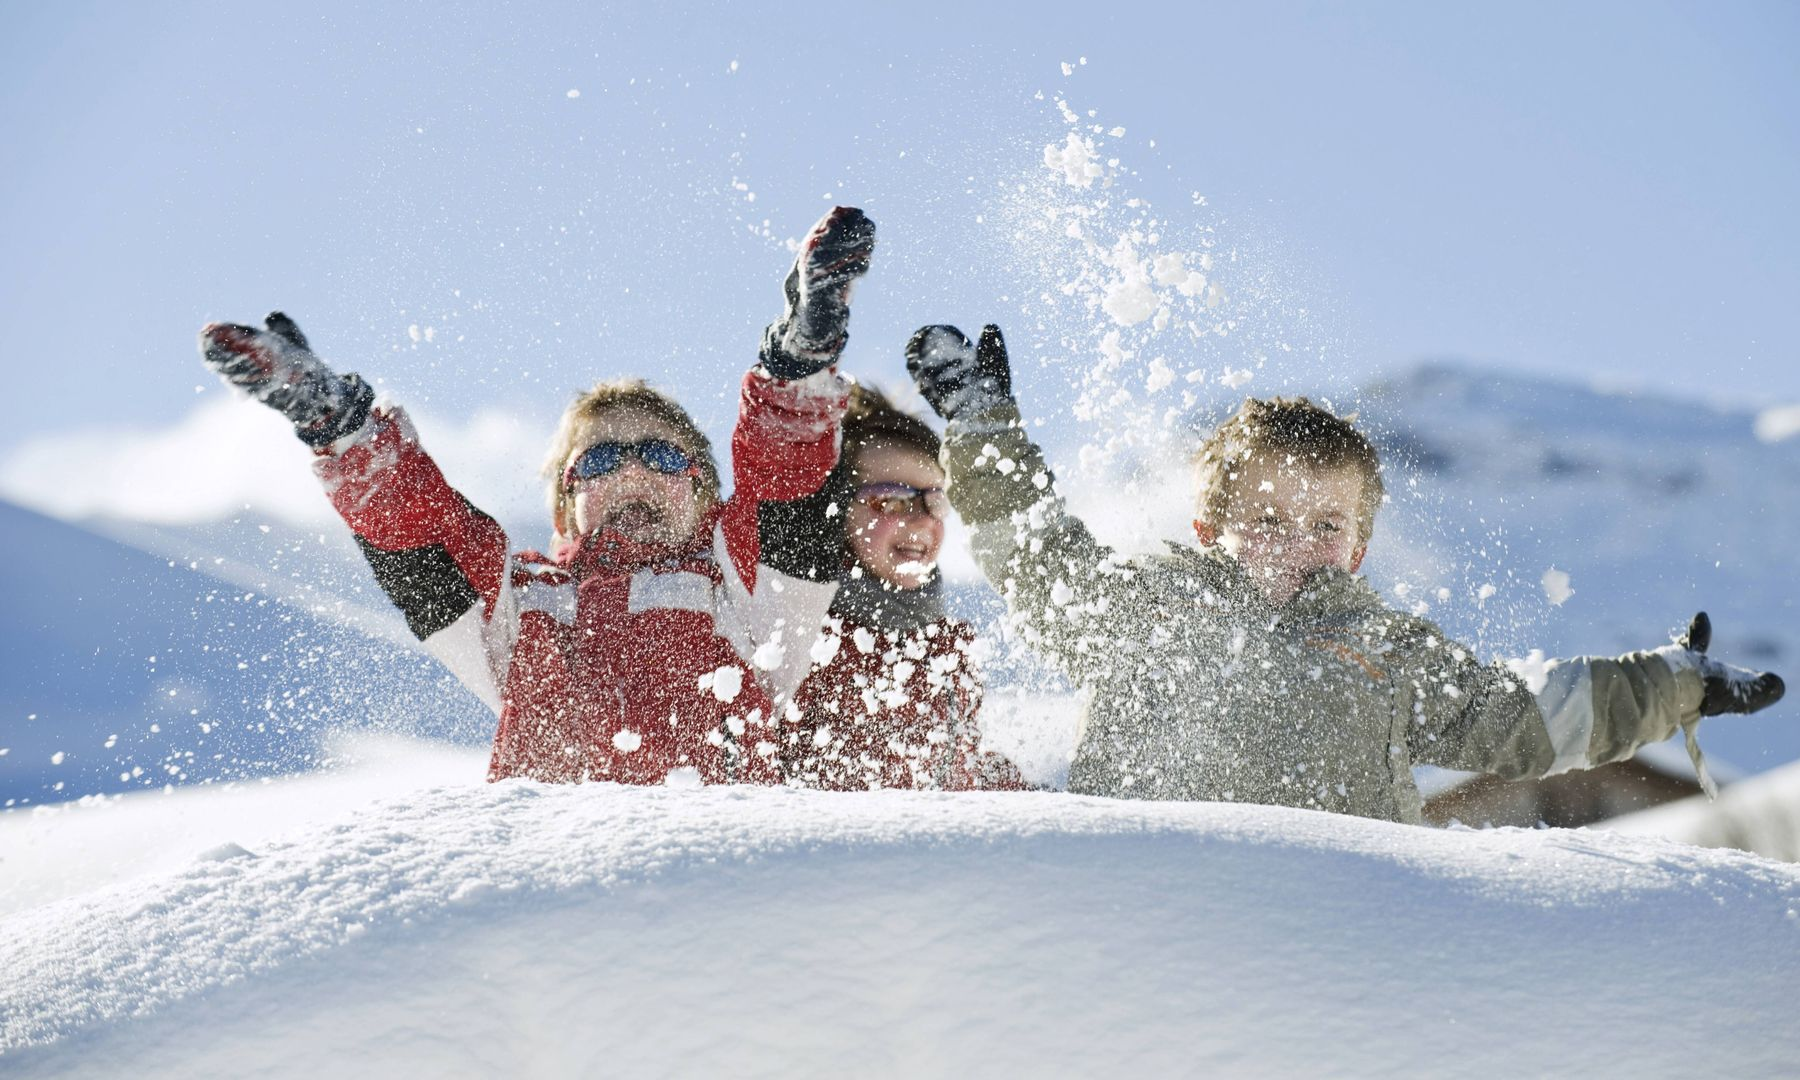 Bad Hindelang: Wintersport für Kids | reisereporter.de